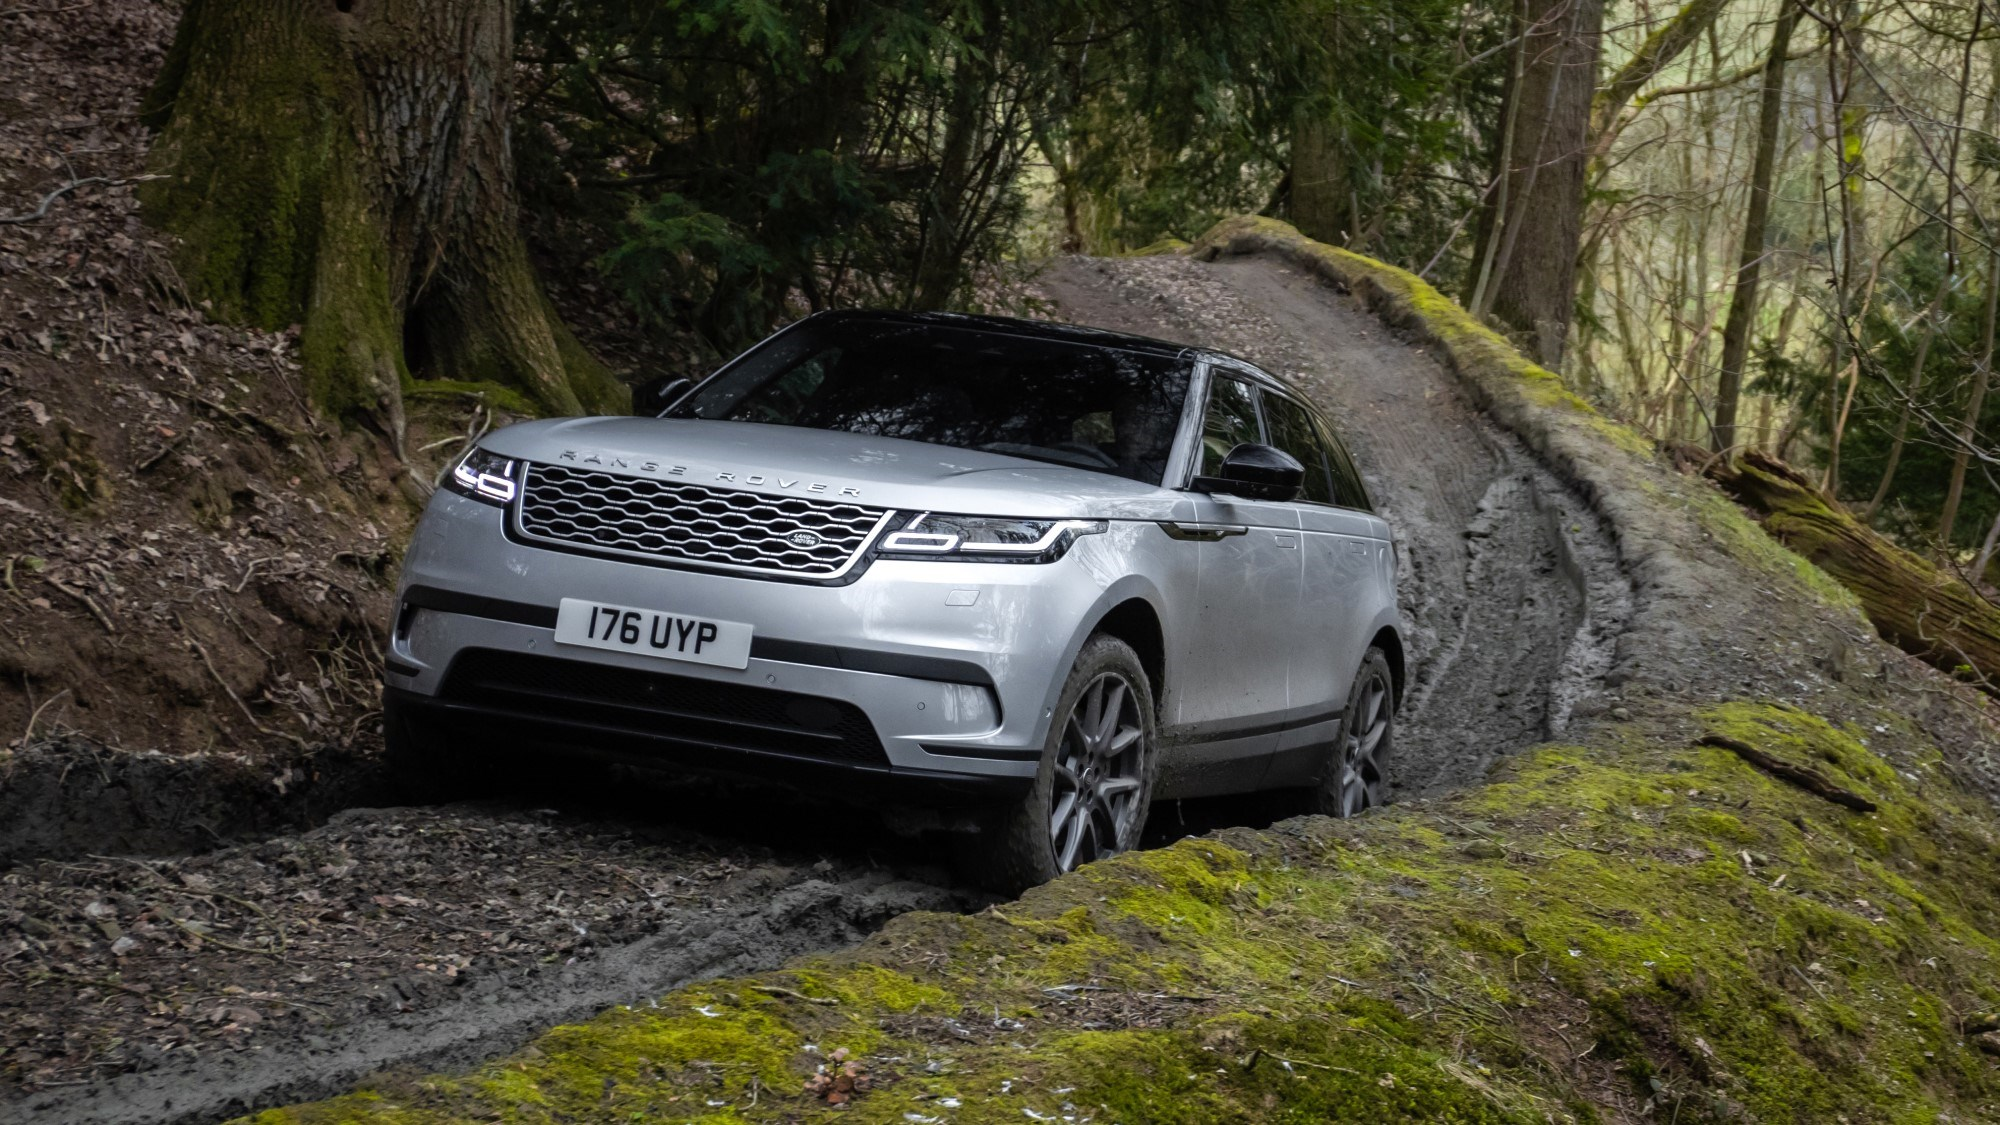 Range Rover Velar off-road